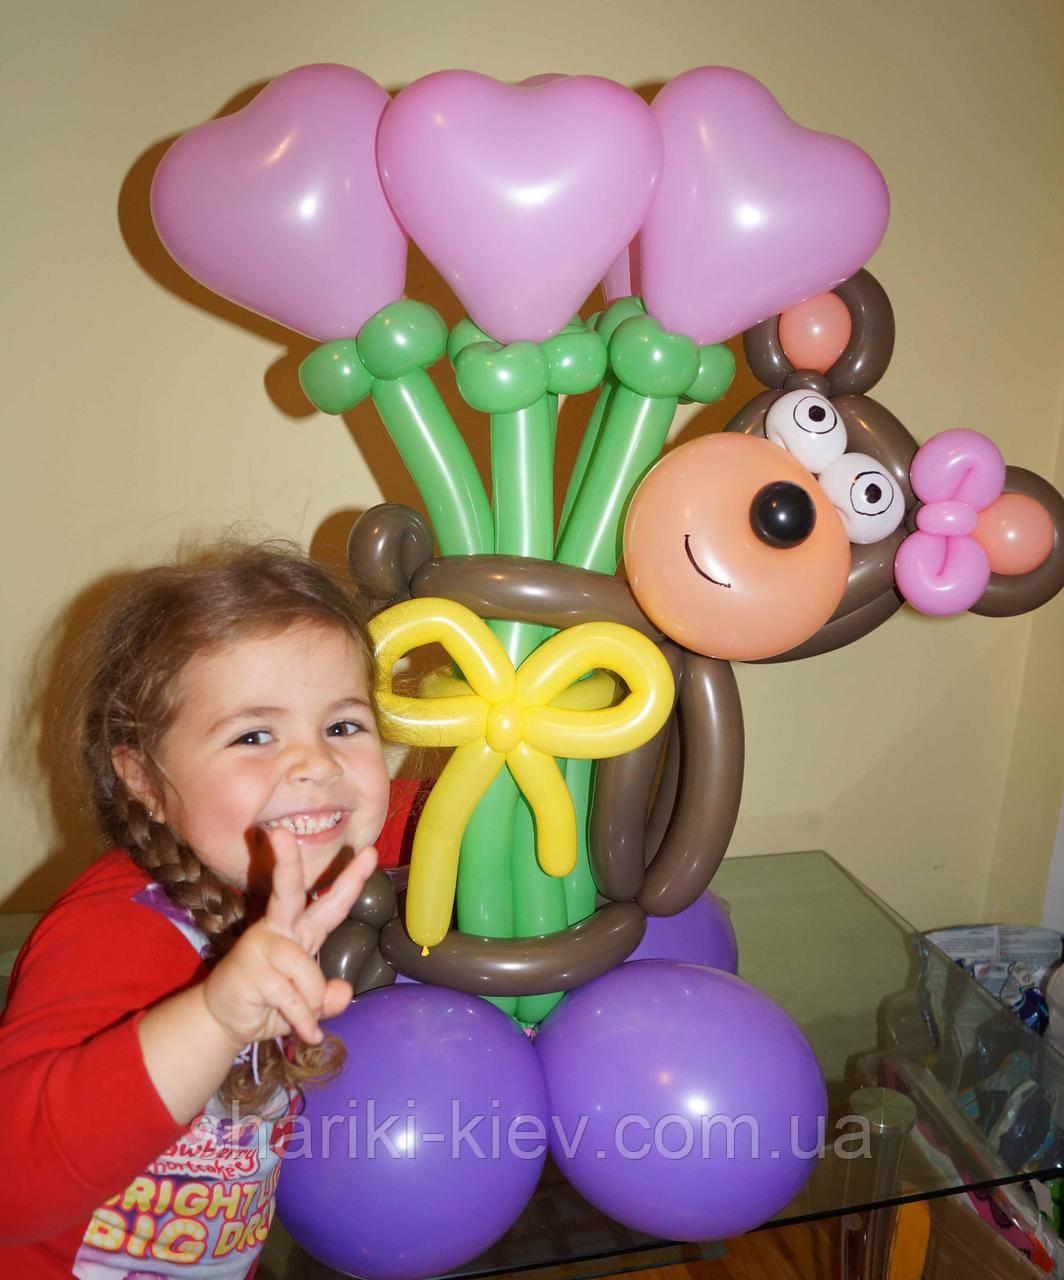 Букет сердца с обезьянкой из шариков